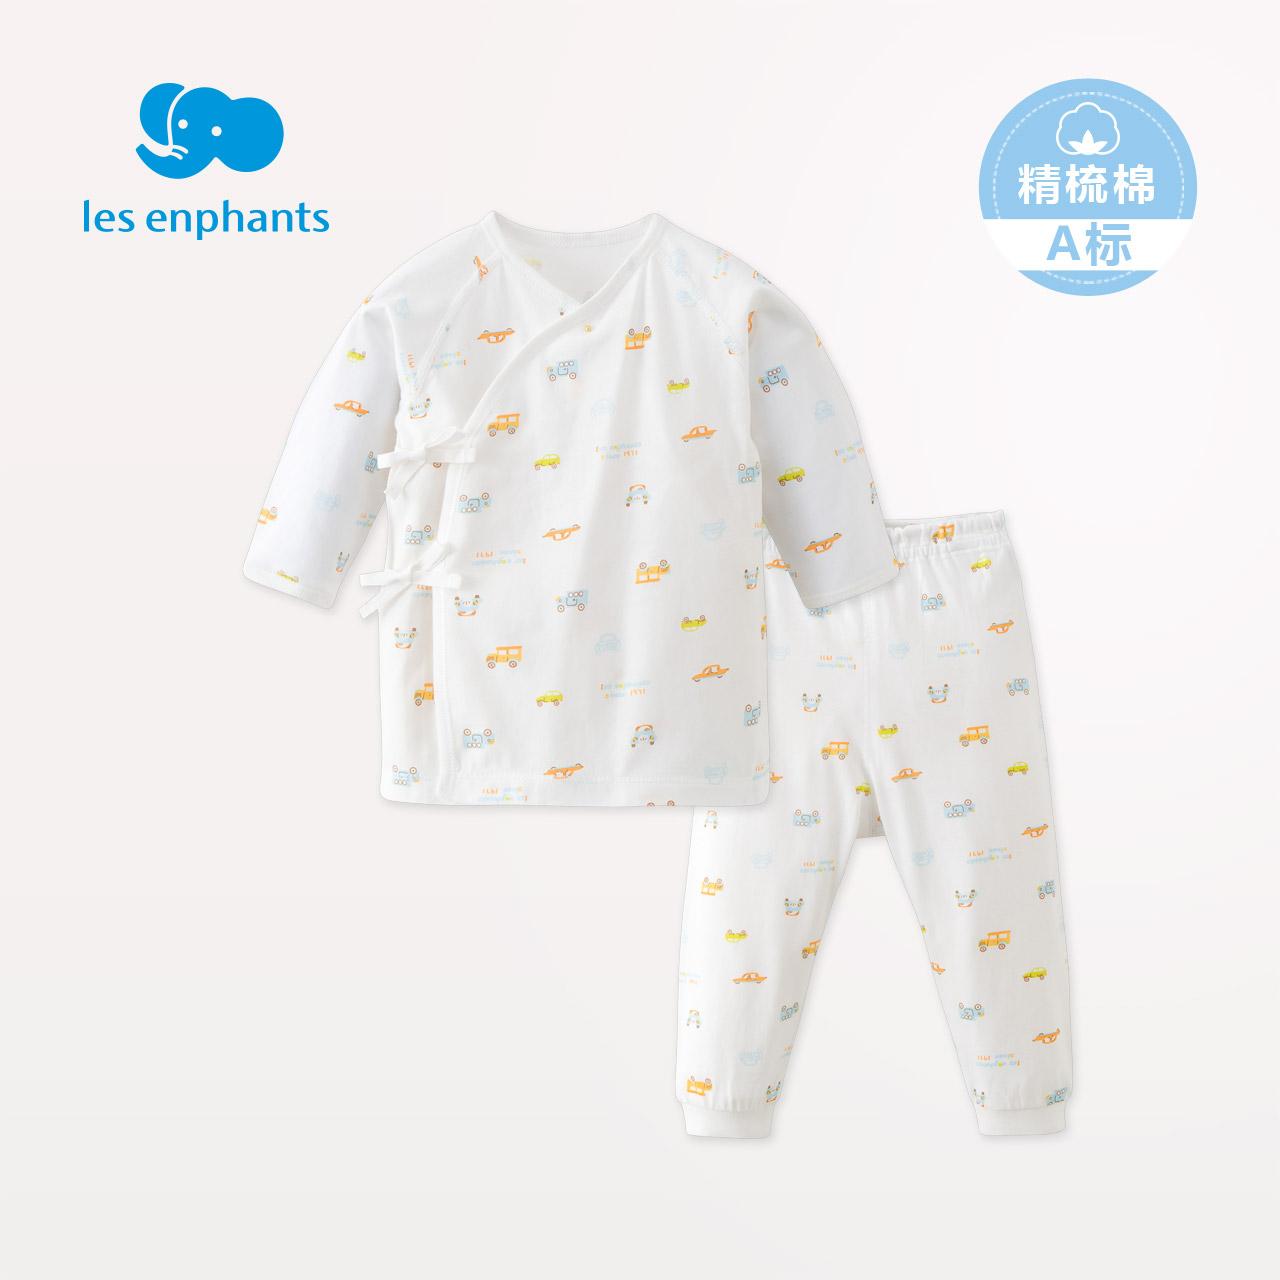 丽婴房婴儿衣服男女宝宝纯棉内衣套装新生儿夏季睡衣套装2018新款